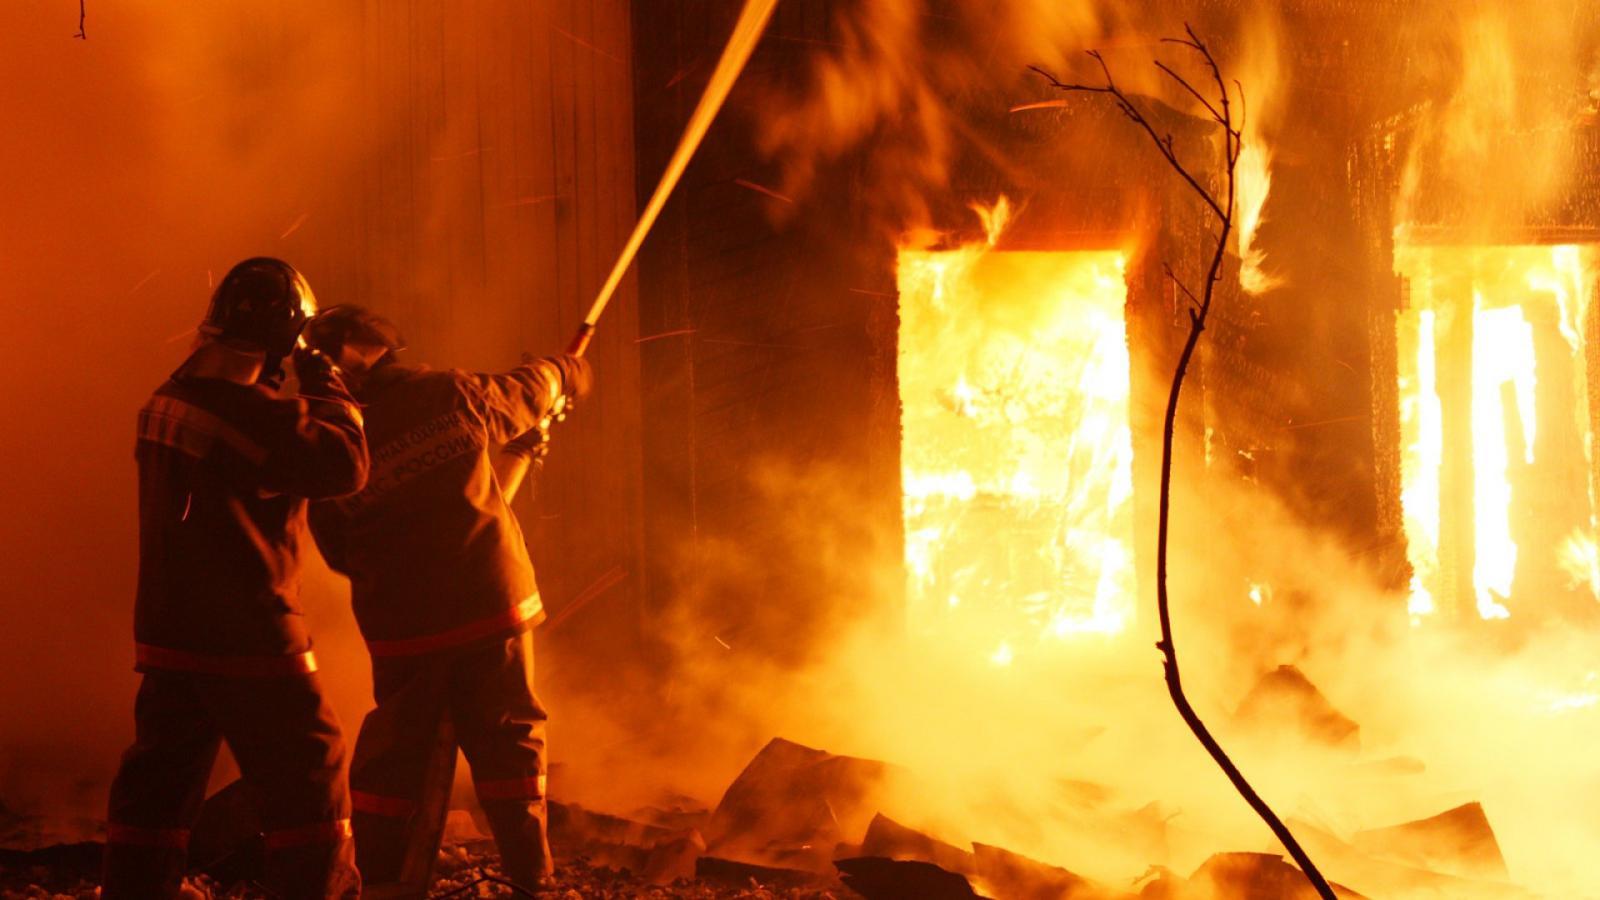 В пожаре в пансионате пострадали люди